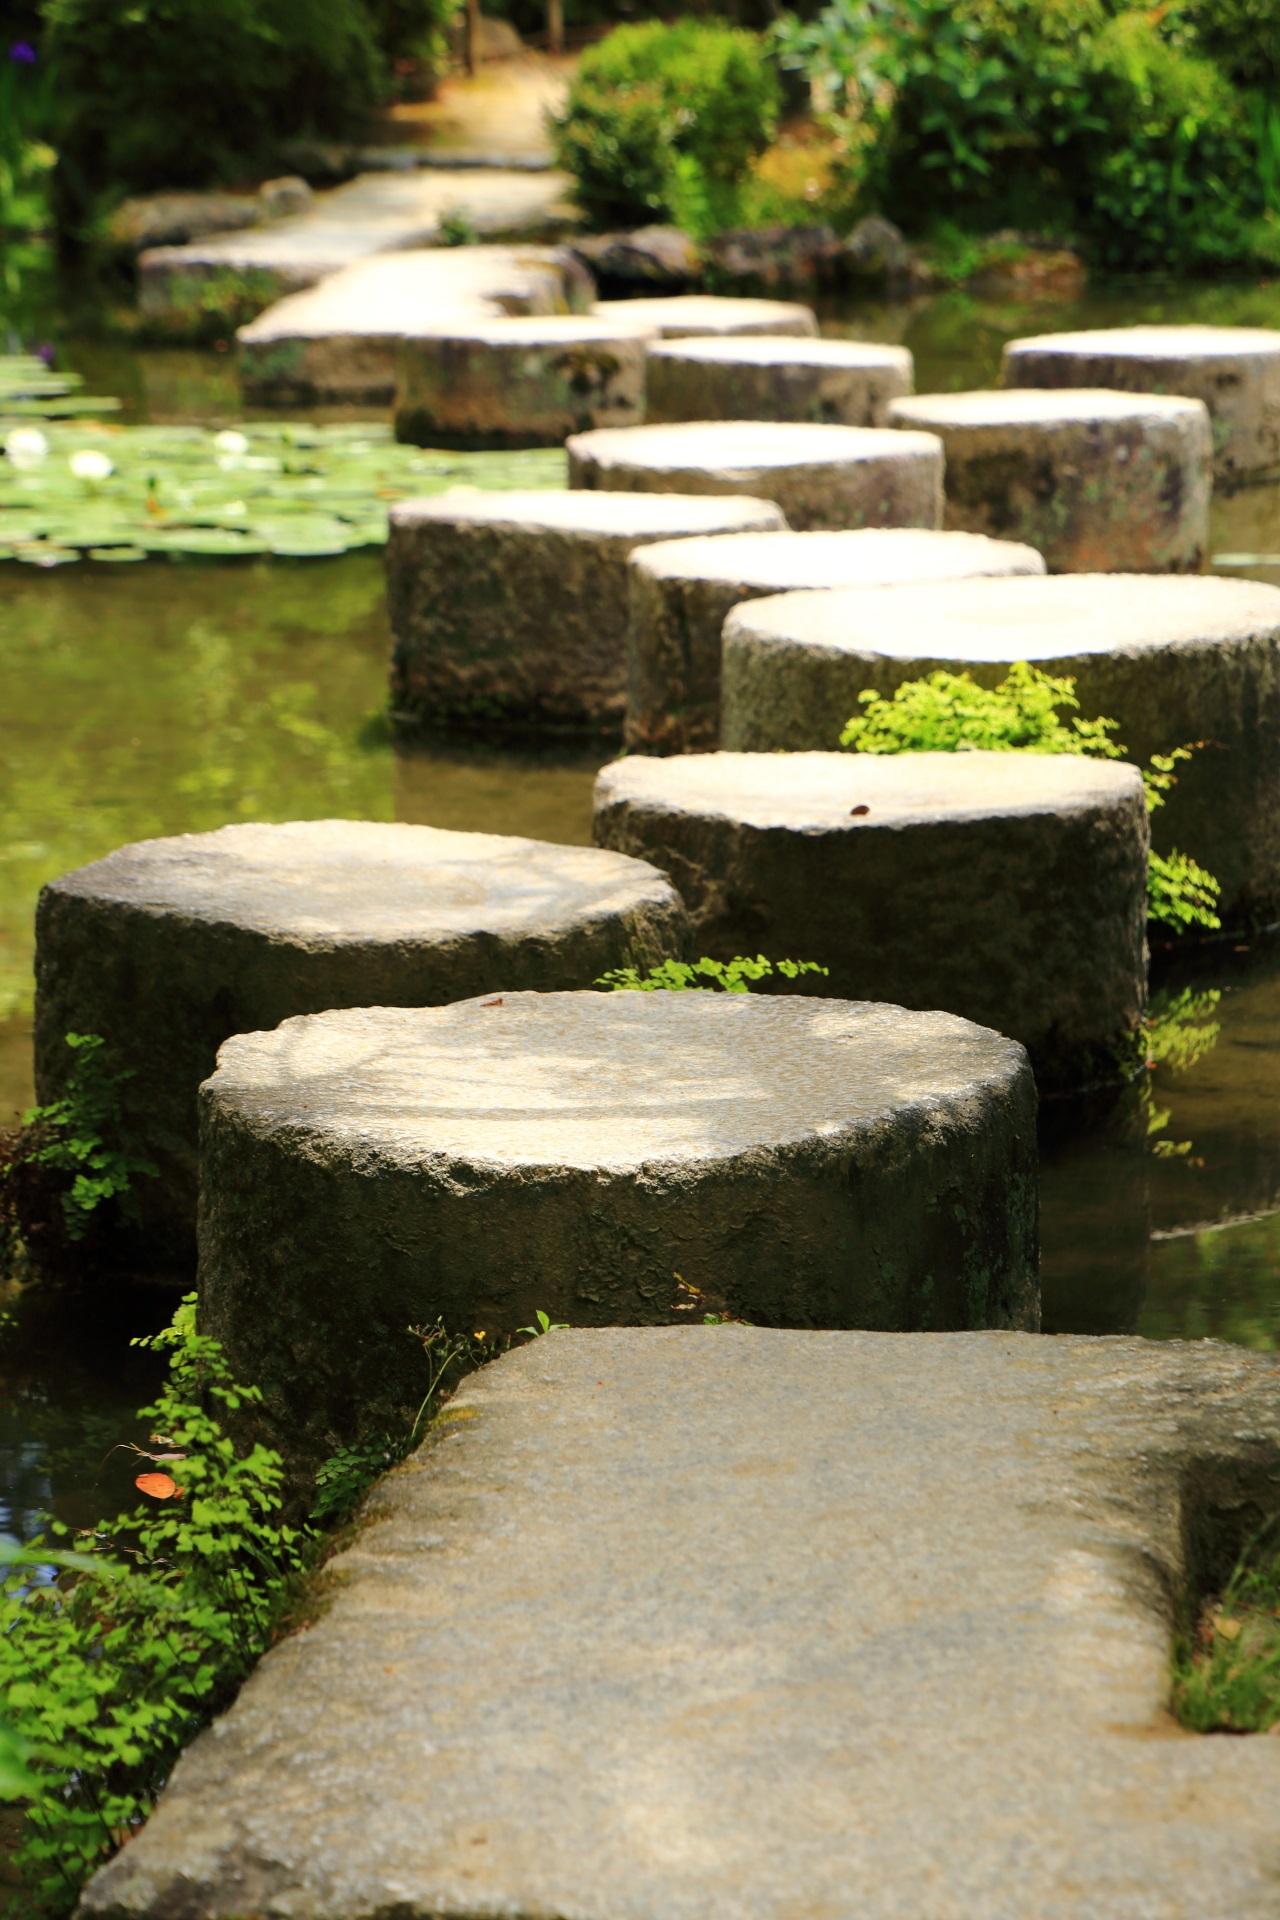 歩いて渡れるも落ちそうで少し怖い平安神宮の臥龍橋(がりゅうきょう)